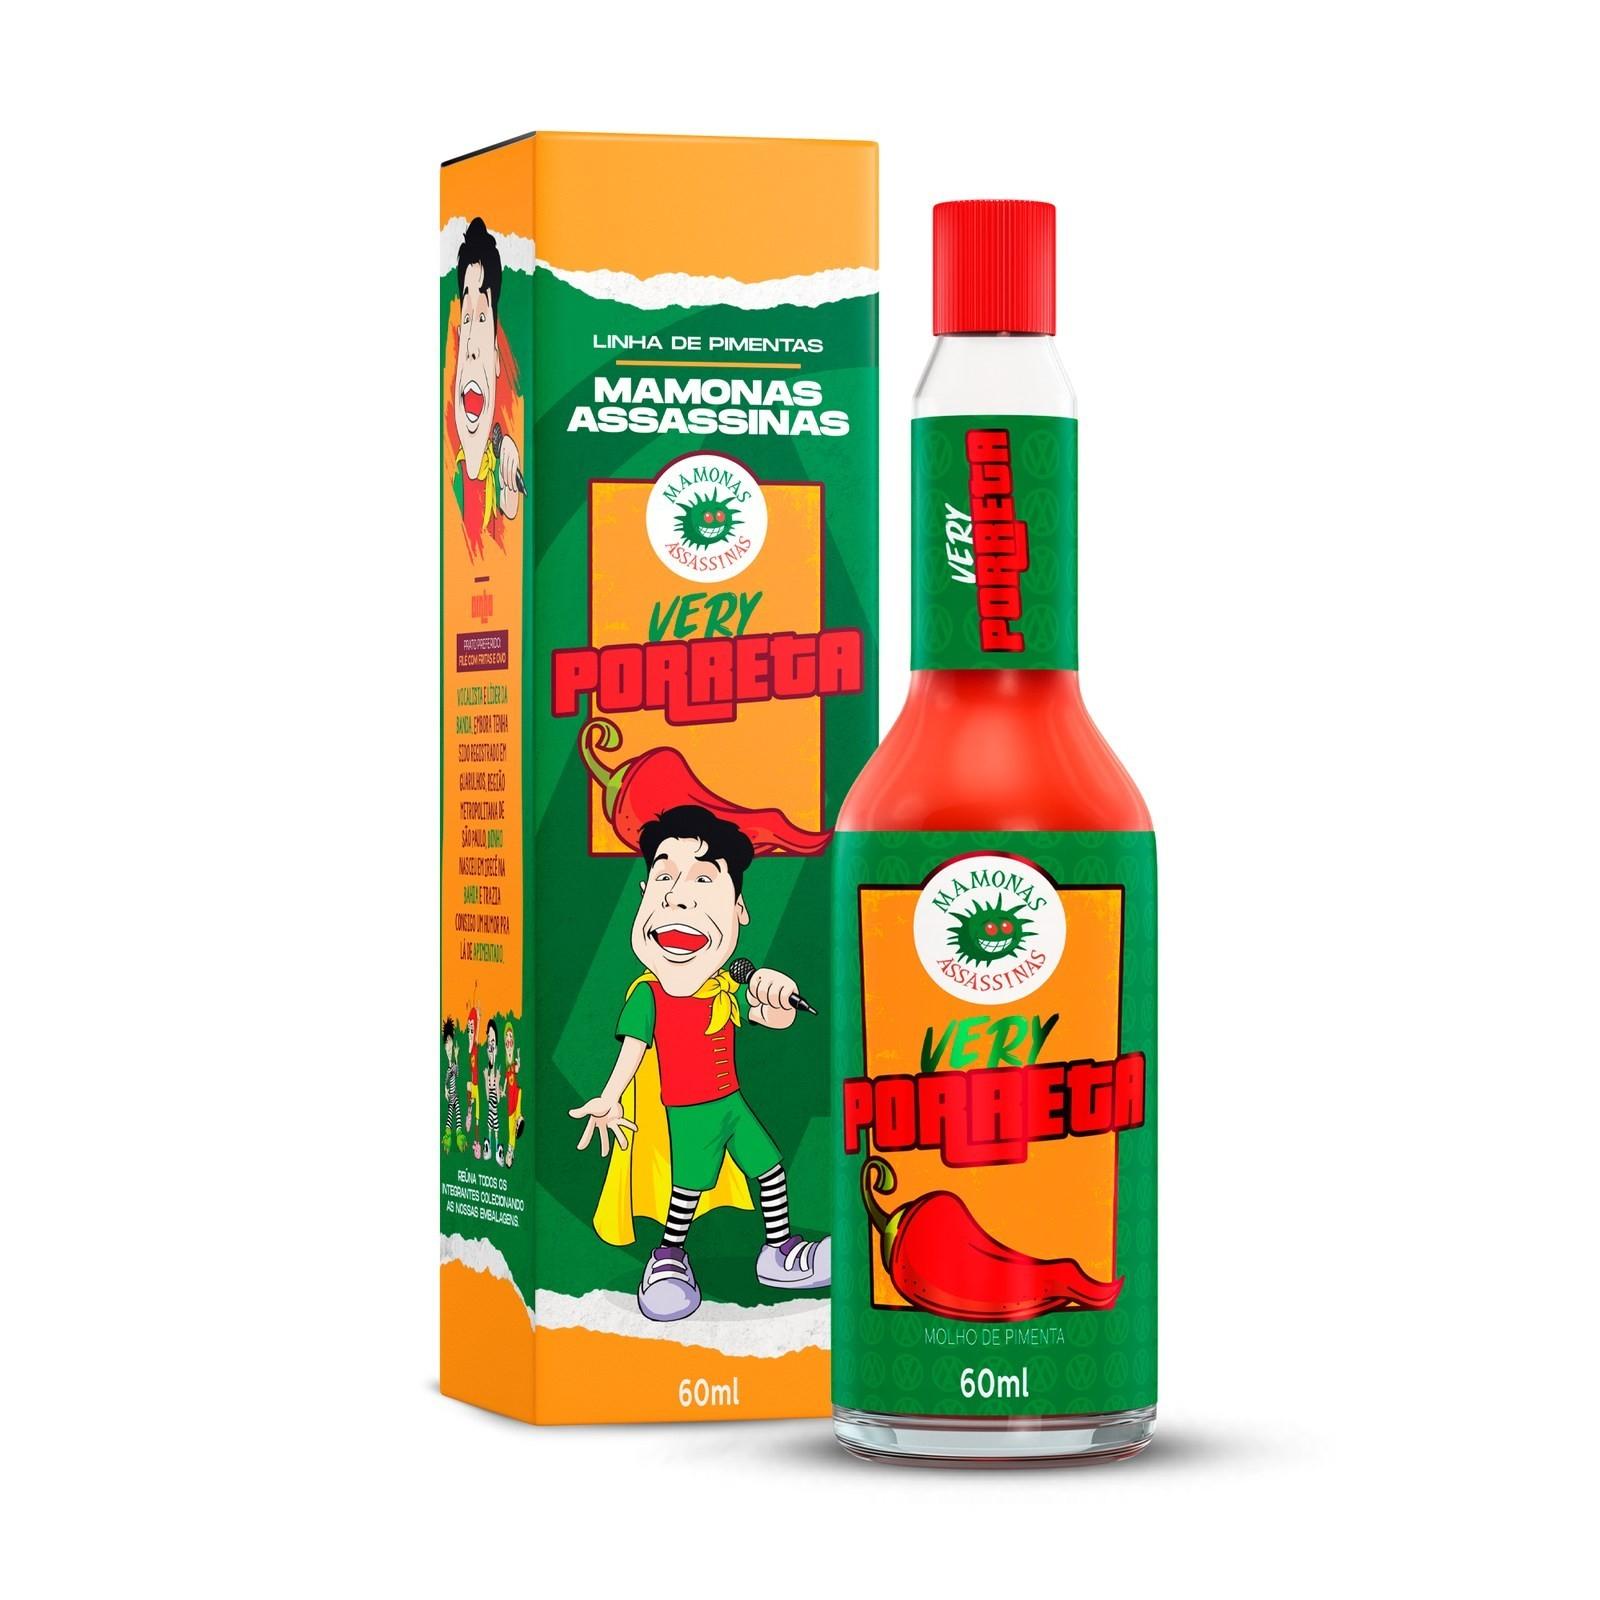 Molho de Pimenta Mamonas Assassinas - Very Porreta 60 ml (Dinho)